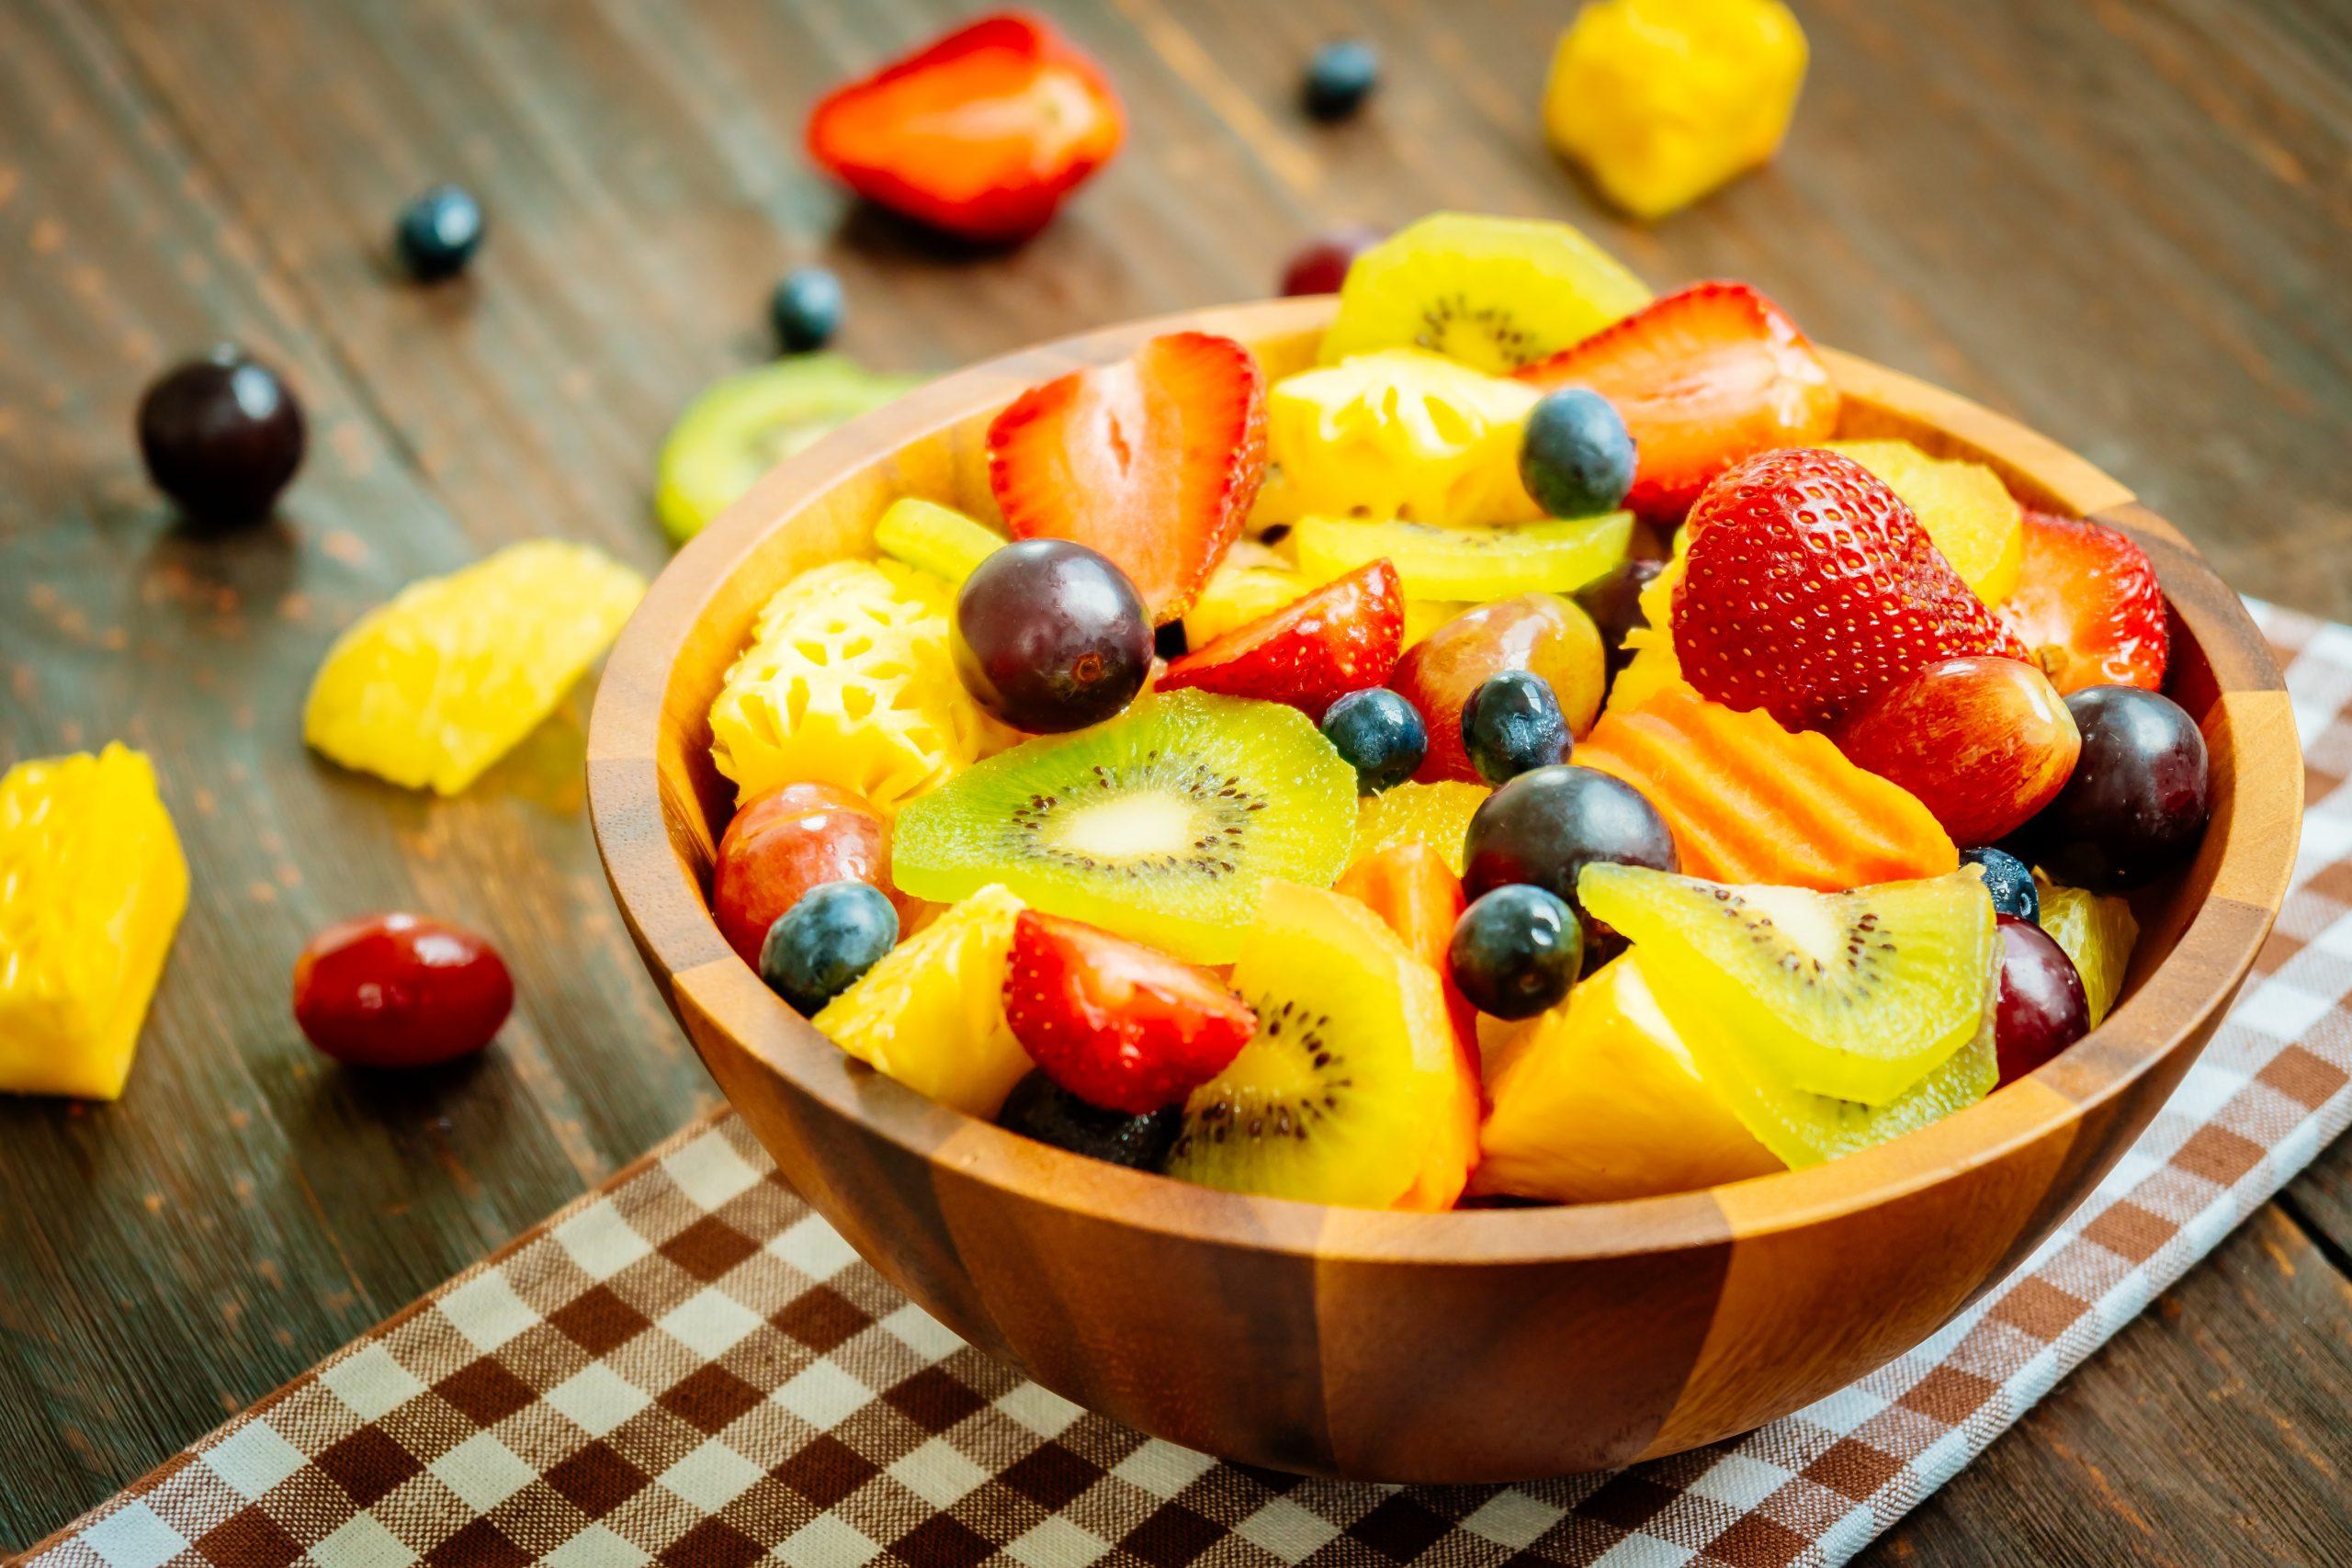 Itt a nyár. Jöhet a temérdek gyümölcssaláta?